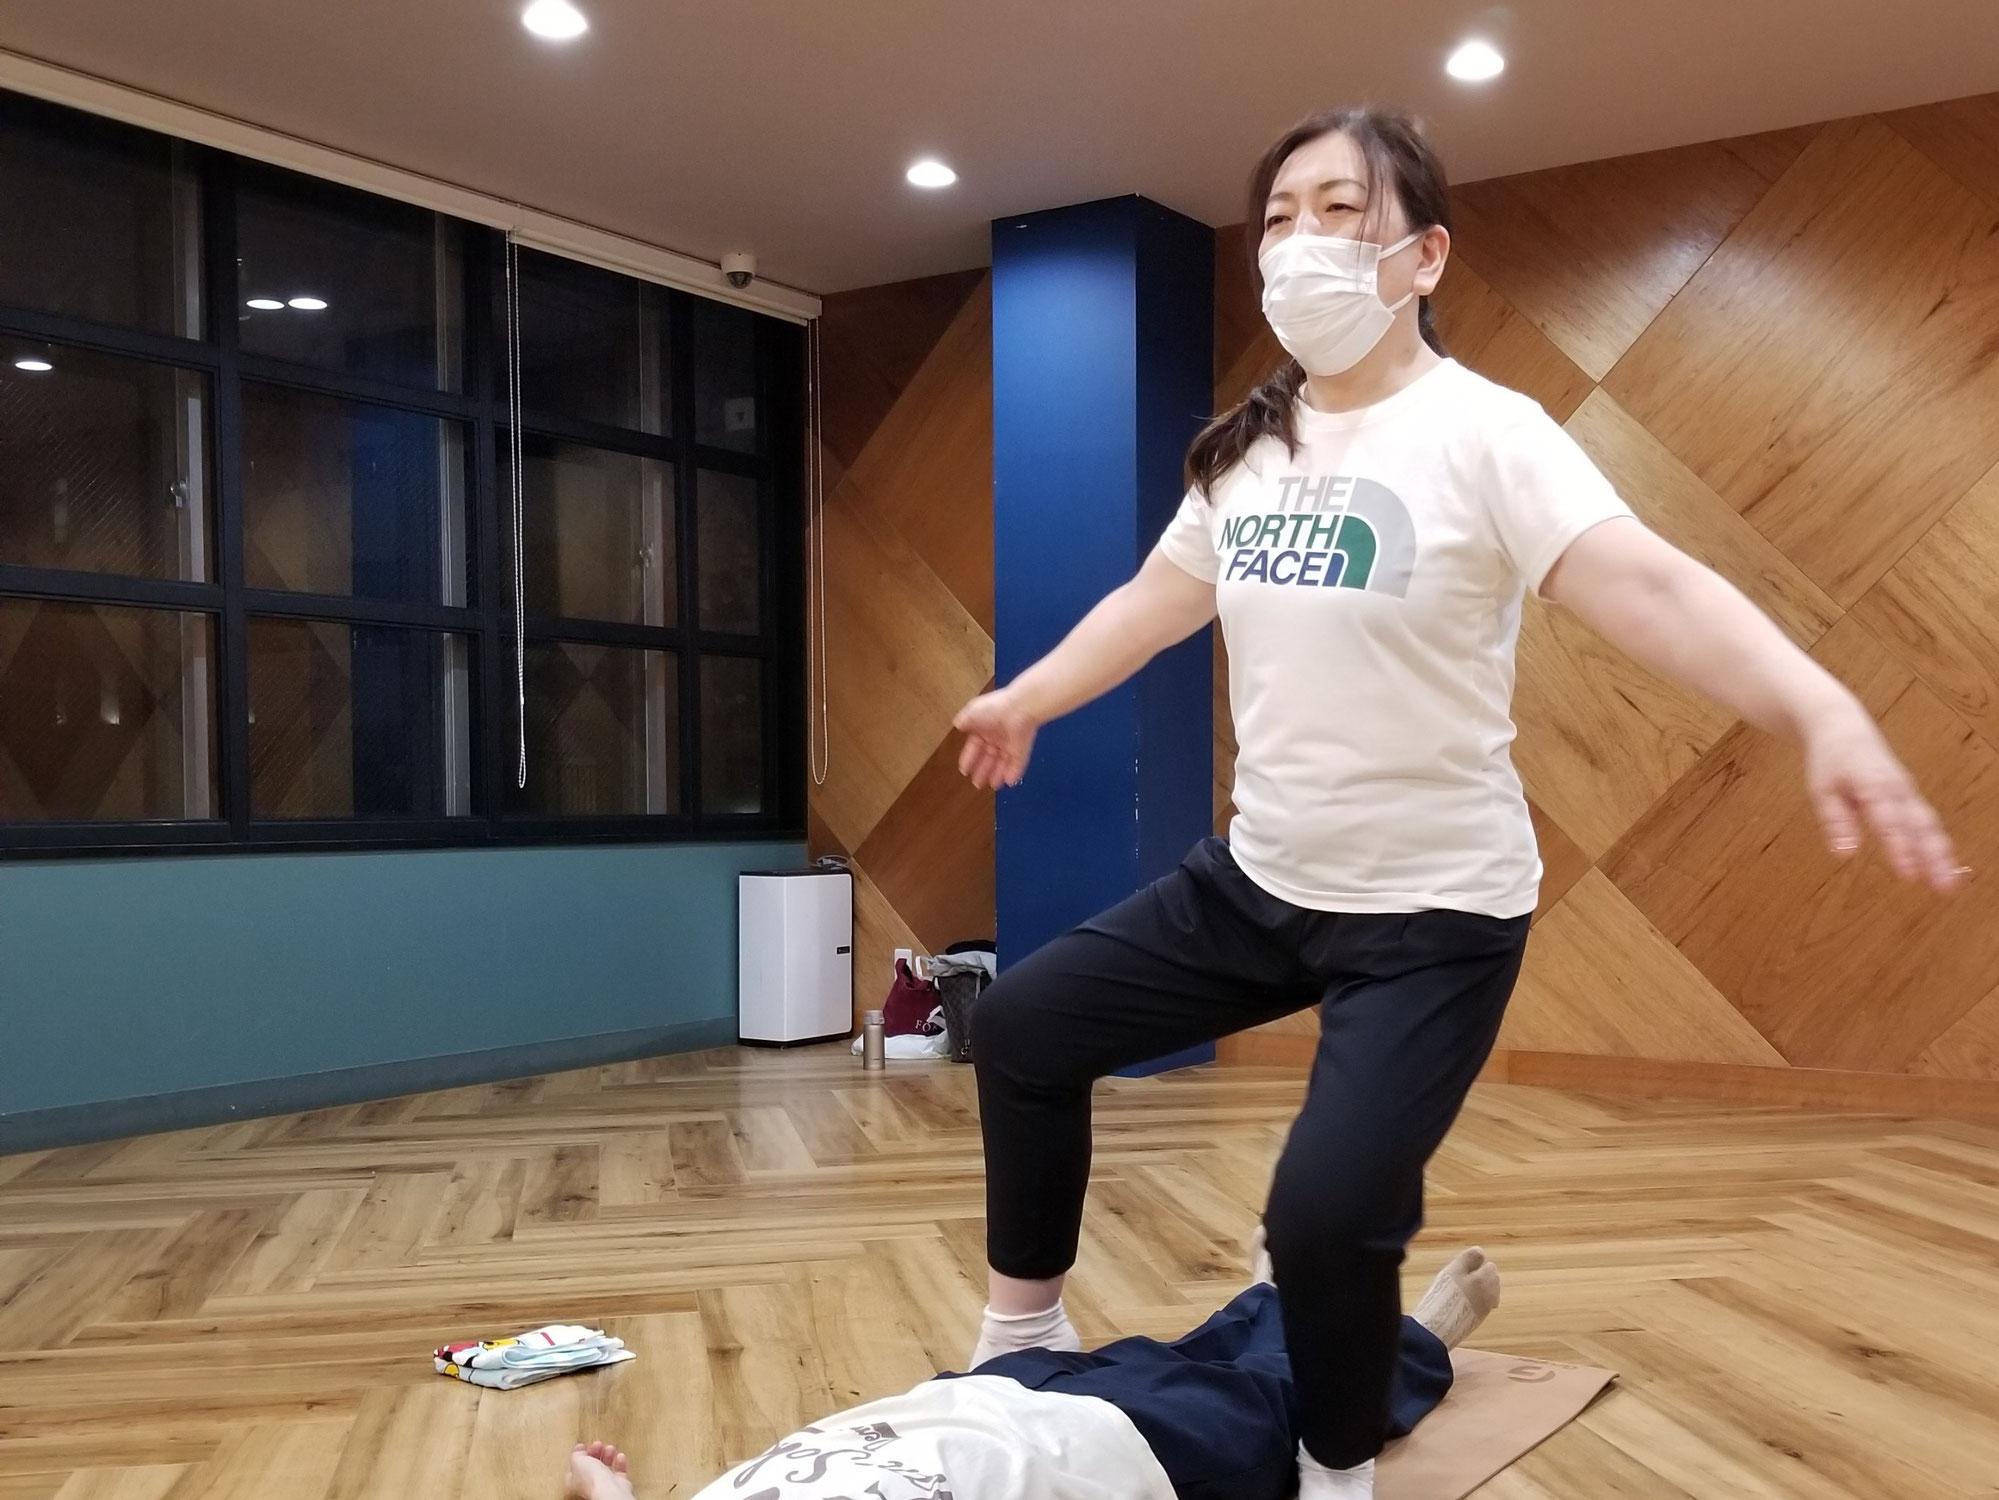 稽古及び練習会は通常通りに開催!!!